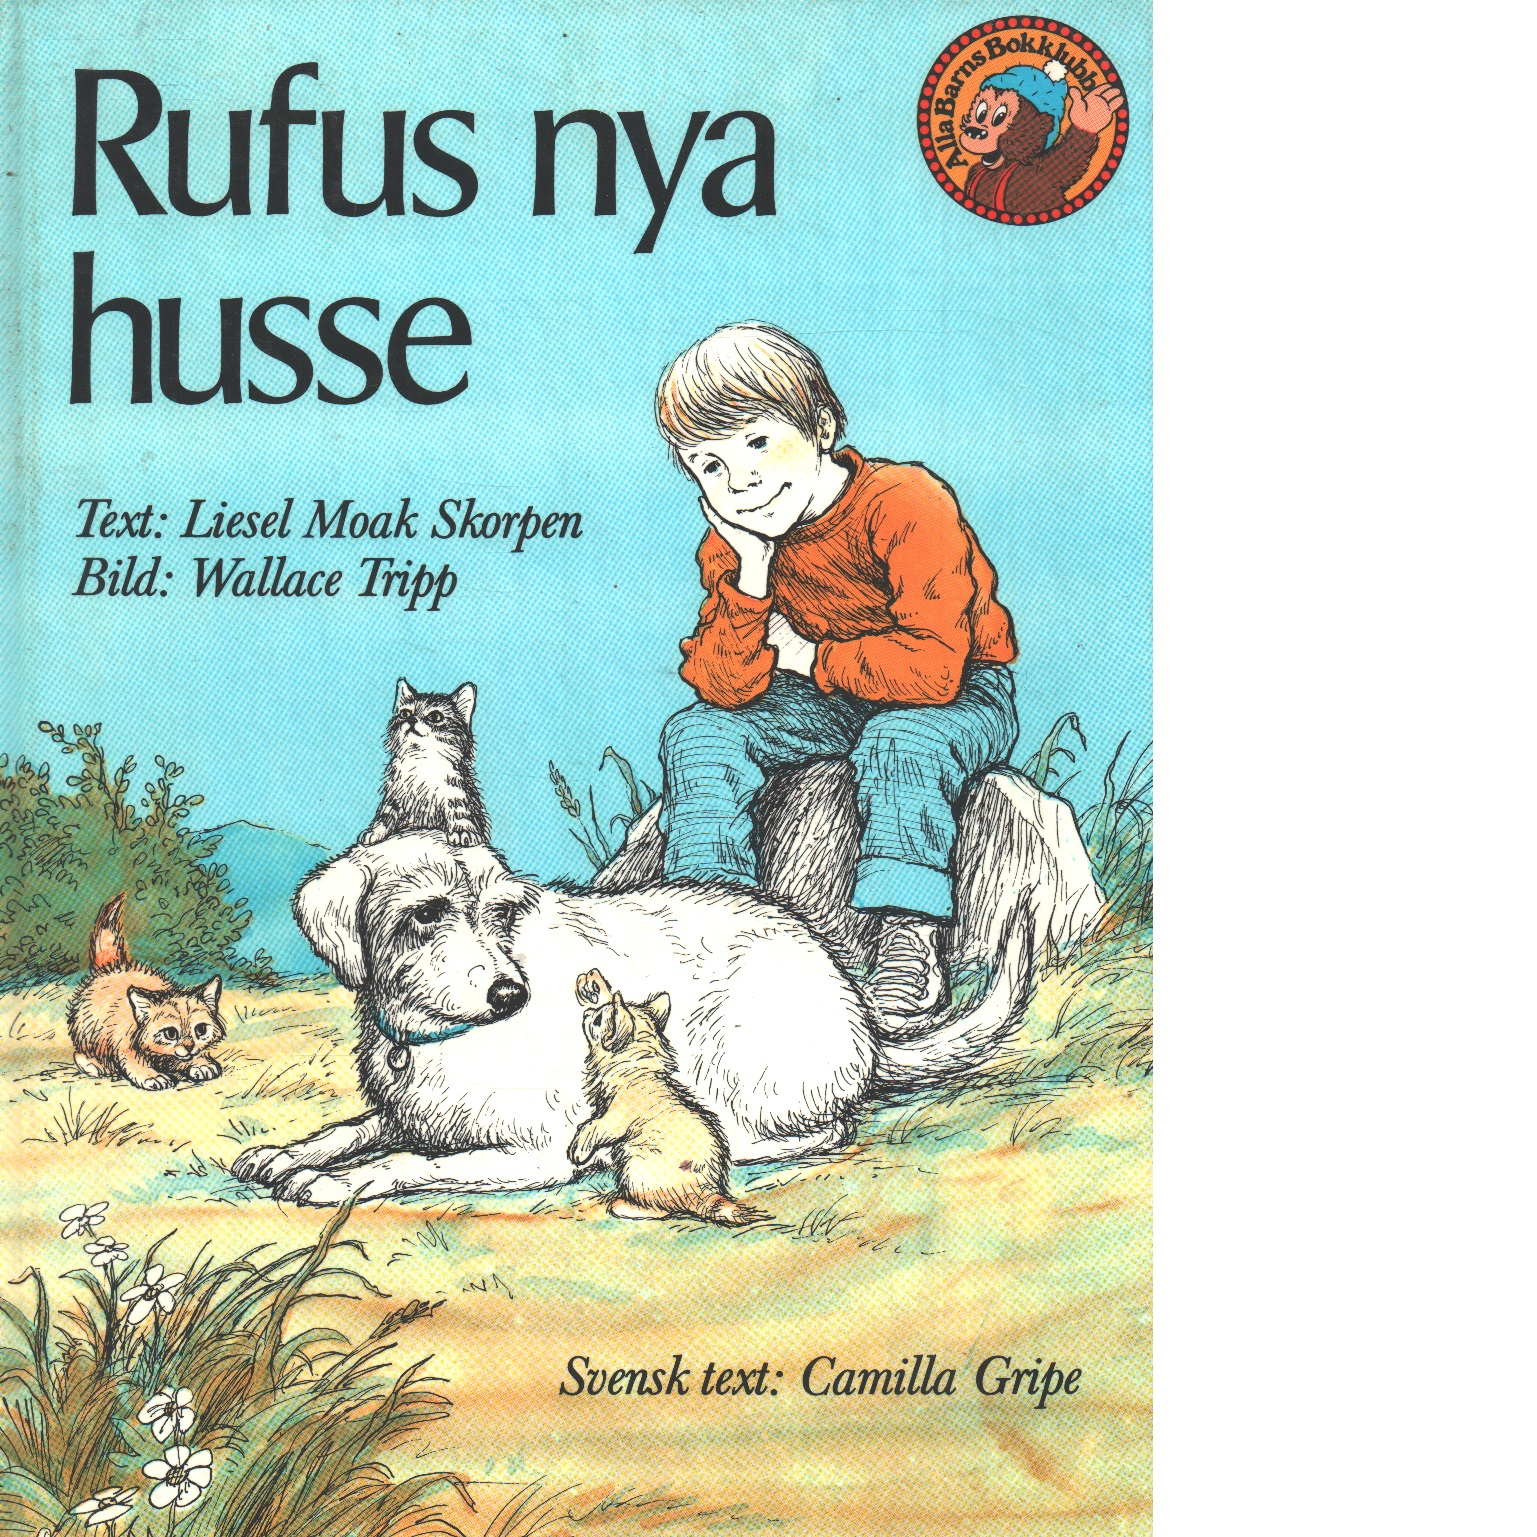 Rufus nya husse - Moak Skorpen, Liesel